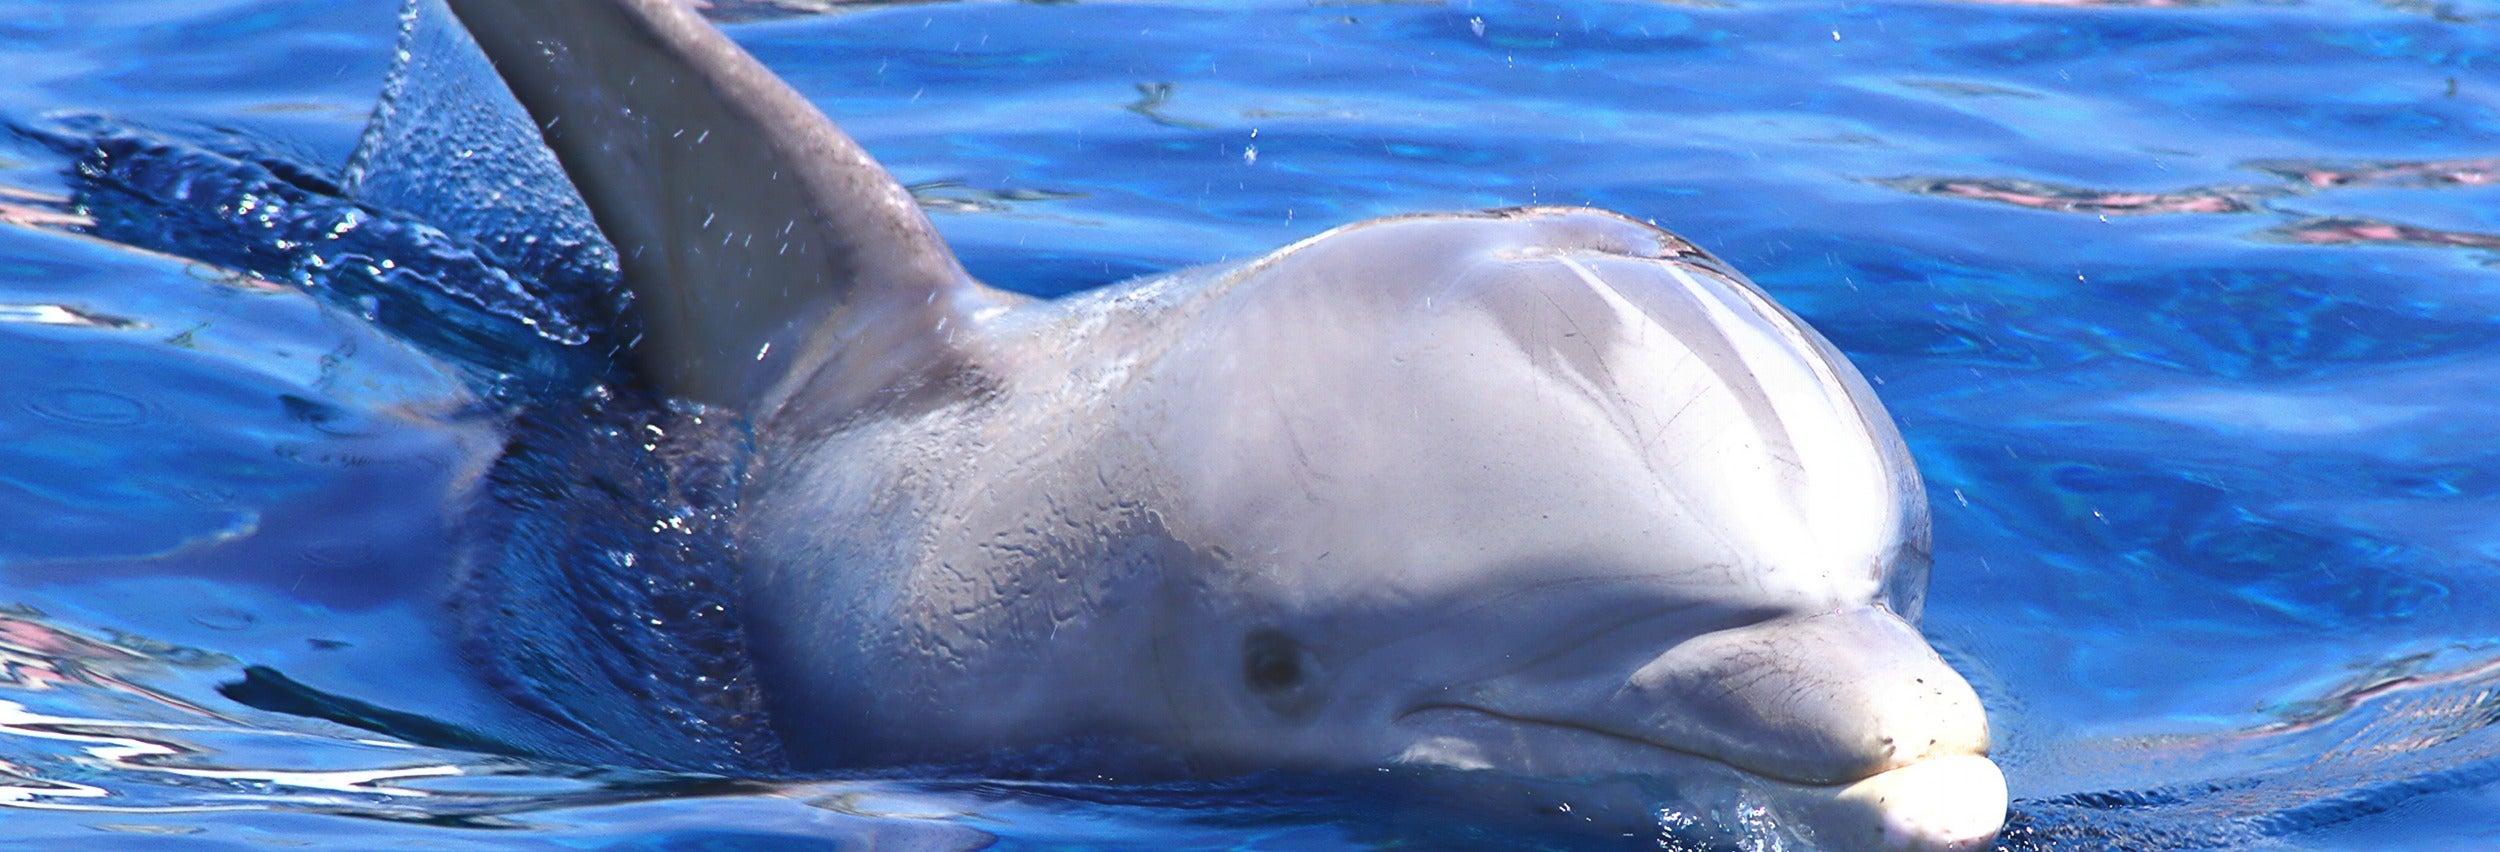 Avistamento de golfinhos e baleias